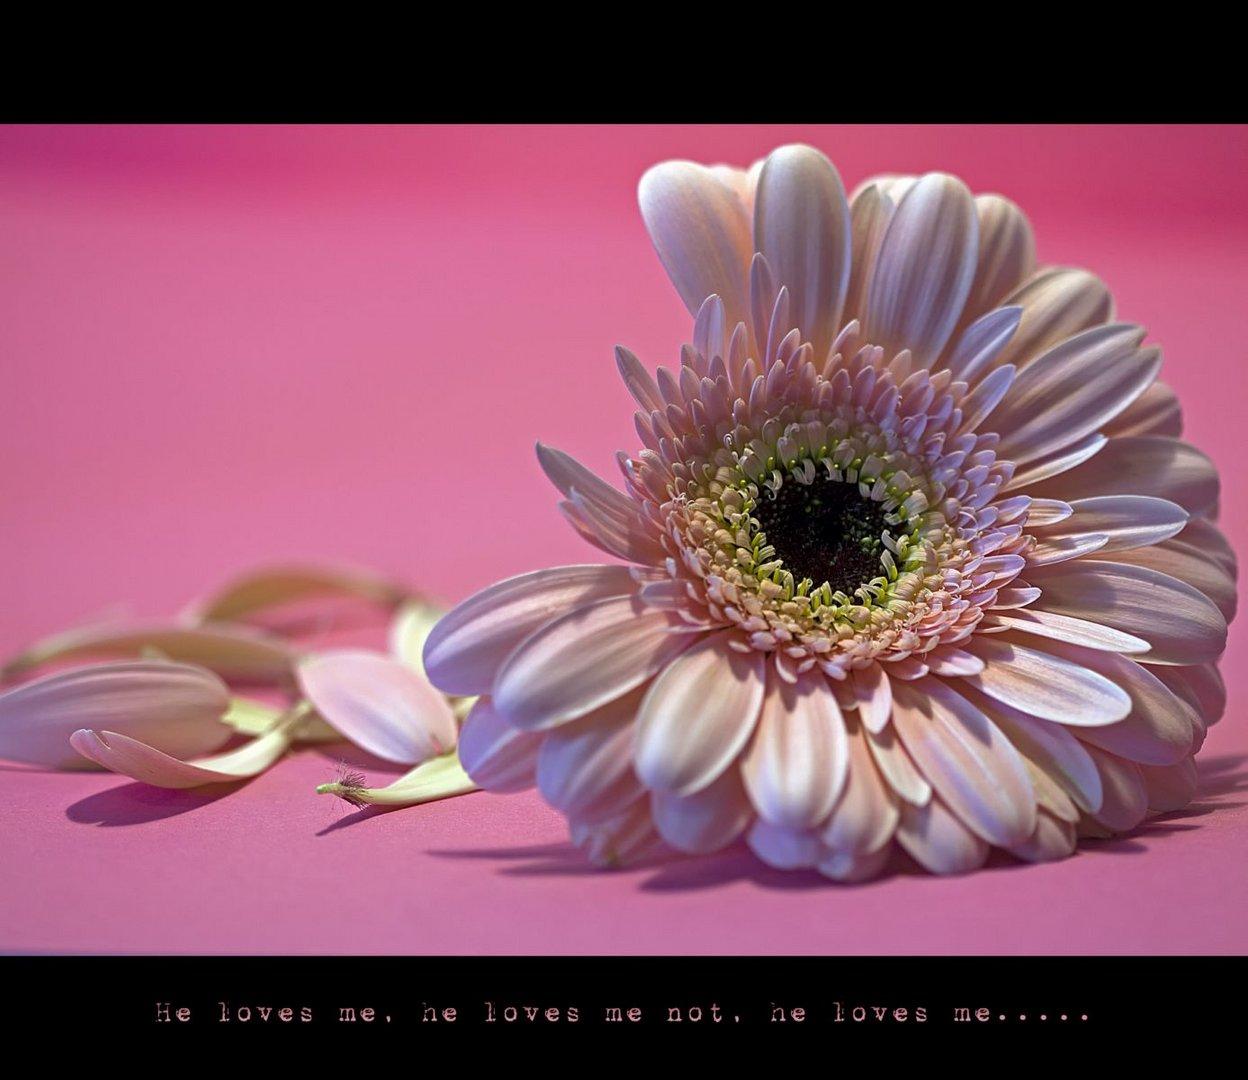 Wie viele Blumen muß ich noch fragen bis ich die Antwort bekomme die ich hören will?